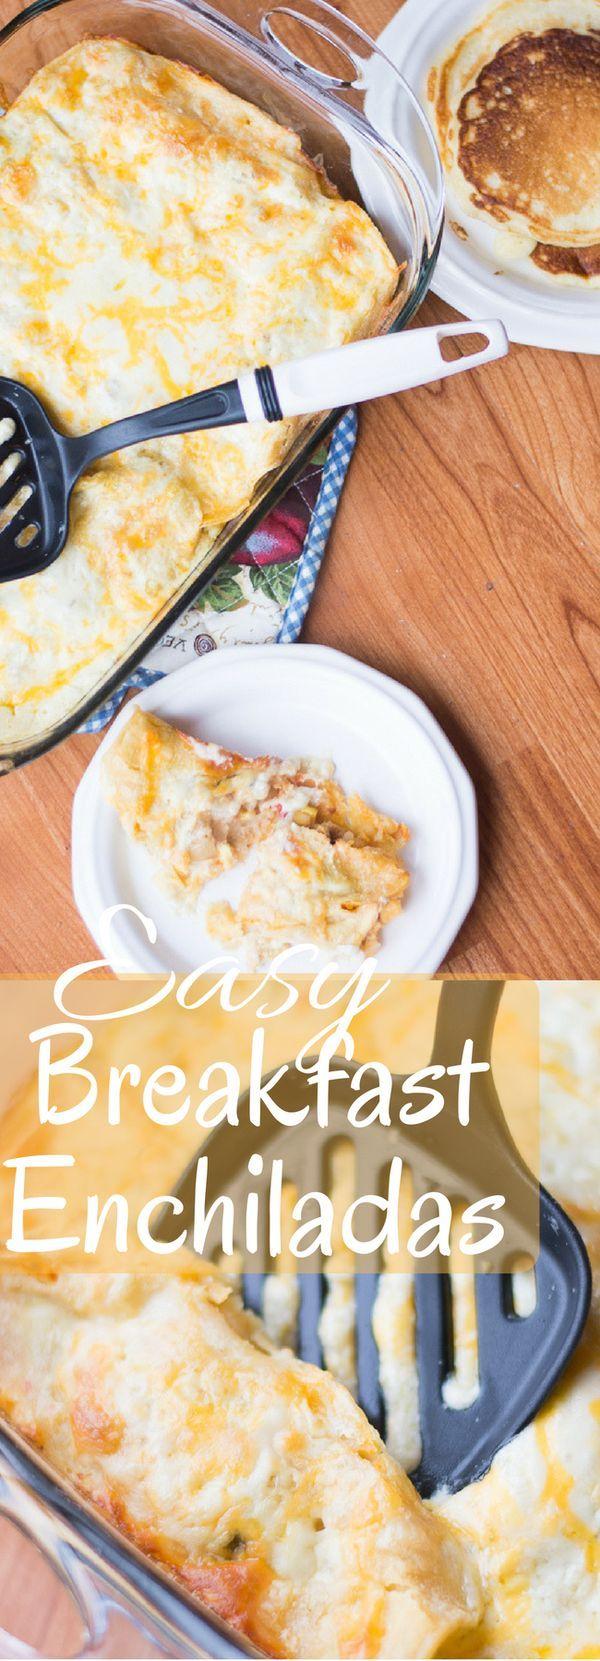 Breakfast Enchiladas / Make Ahead Breakfast Casserole / Breakfast Casserole / Enchiladas / Easy Breakfast